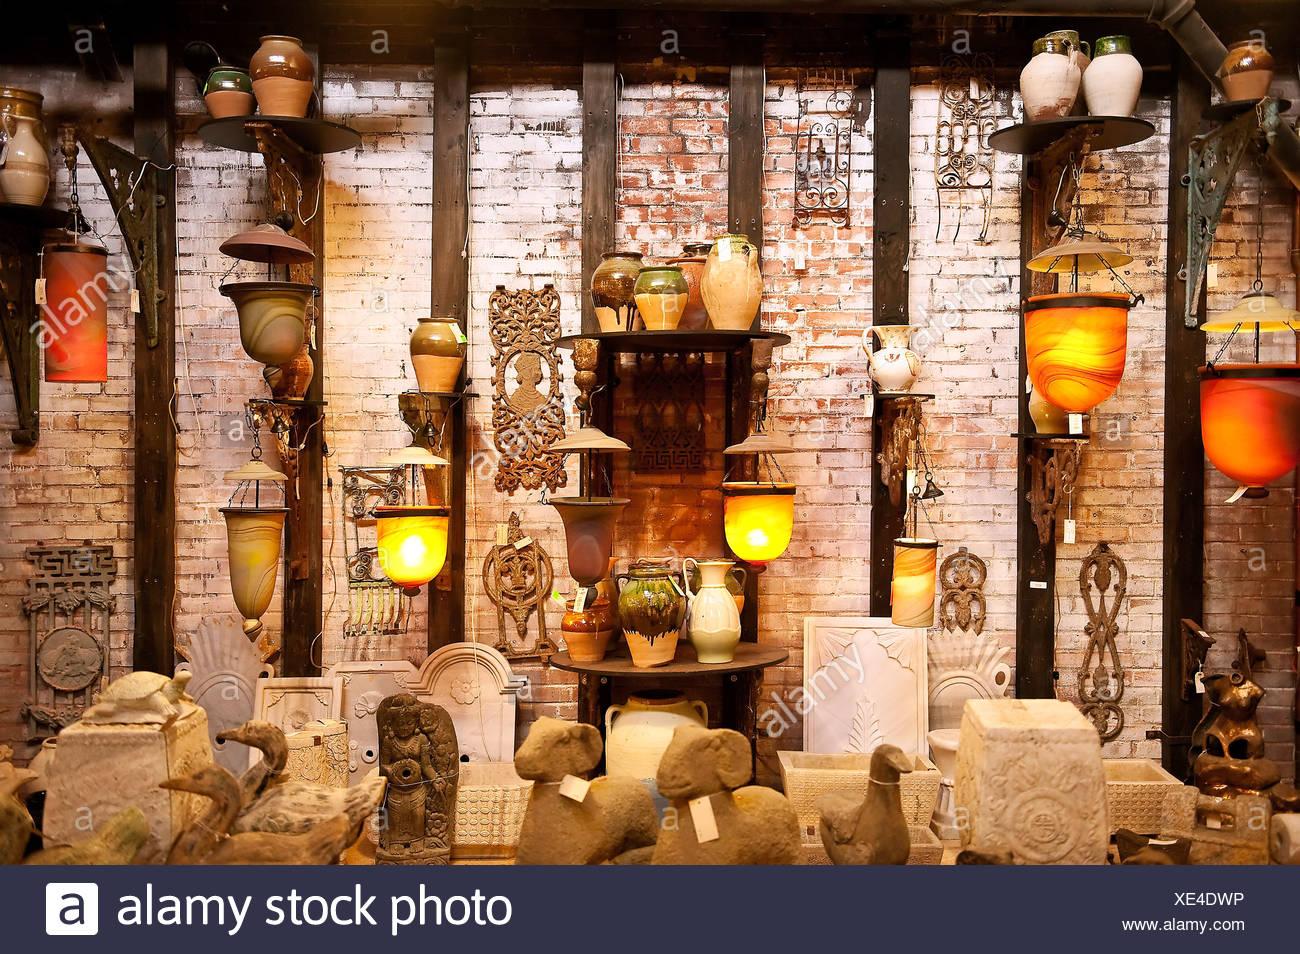 Lampes asiatiques importés. Photo Stock